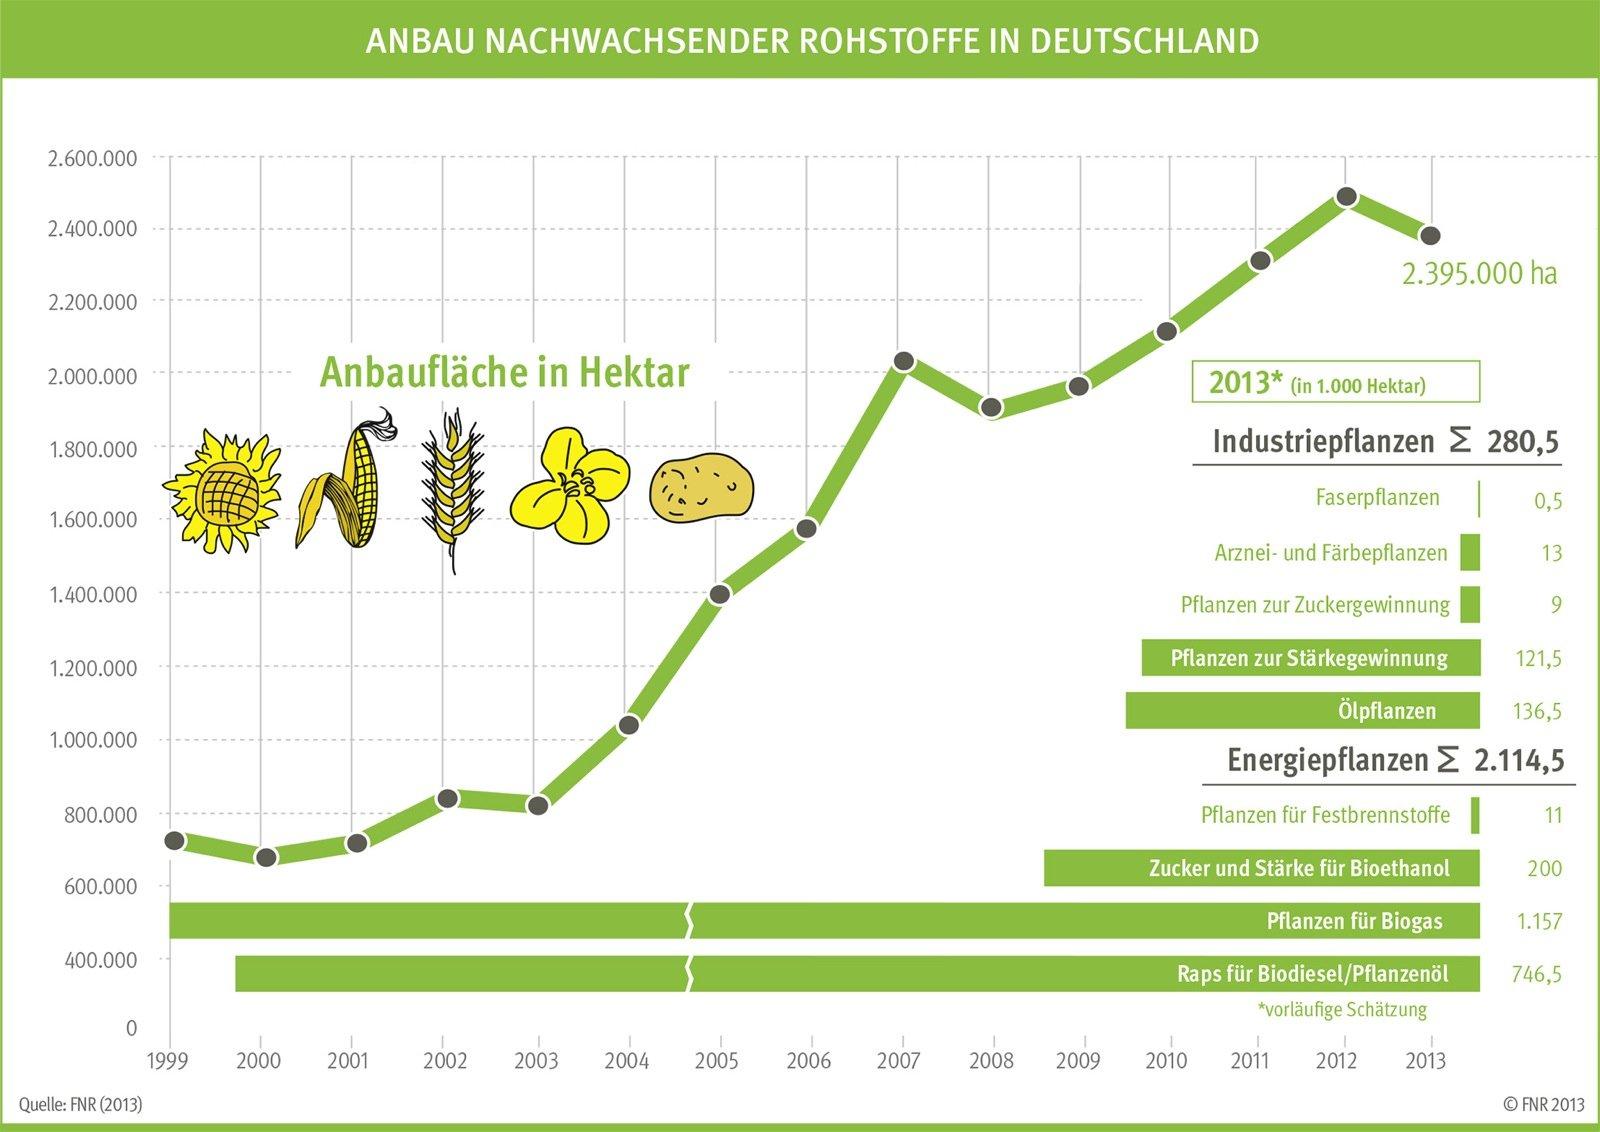 Auf 2,4 Millionen Hektar werden im Jahr 2013 Rohstoffpflanzen für die energetische und stoffliche Nutzung angebaut.